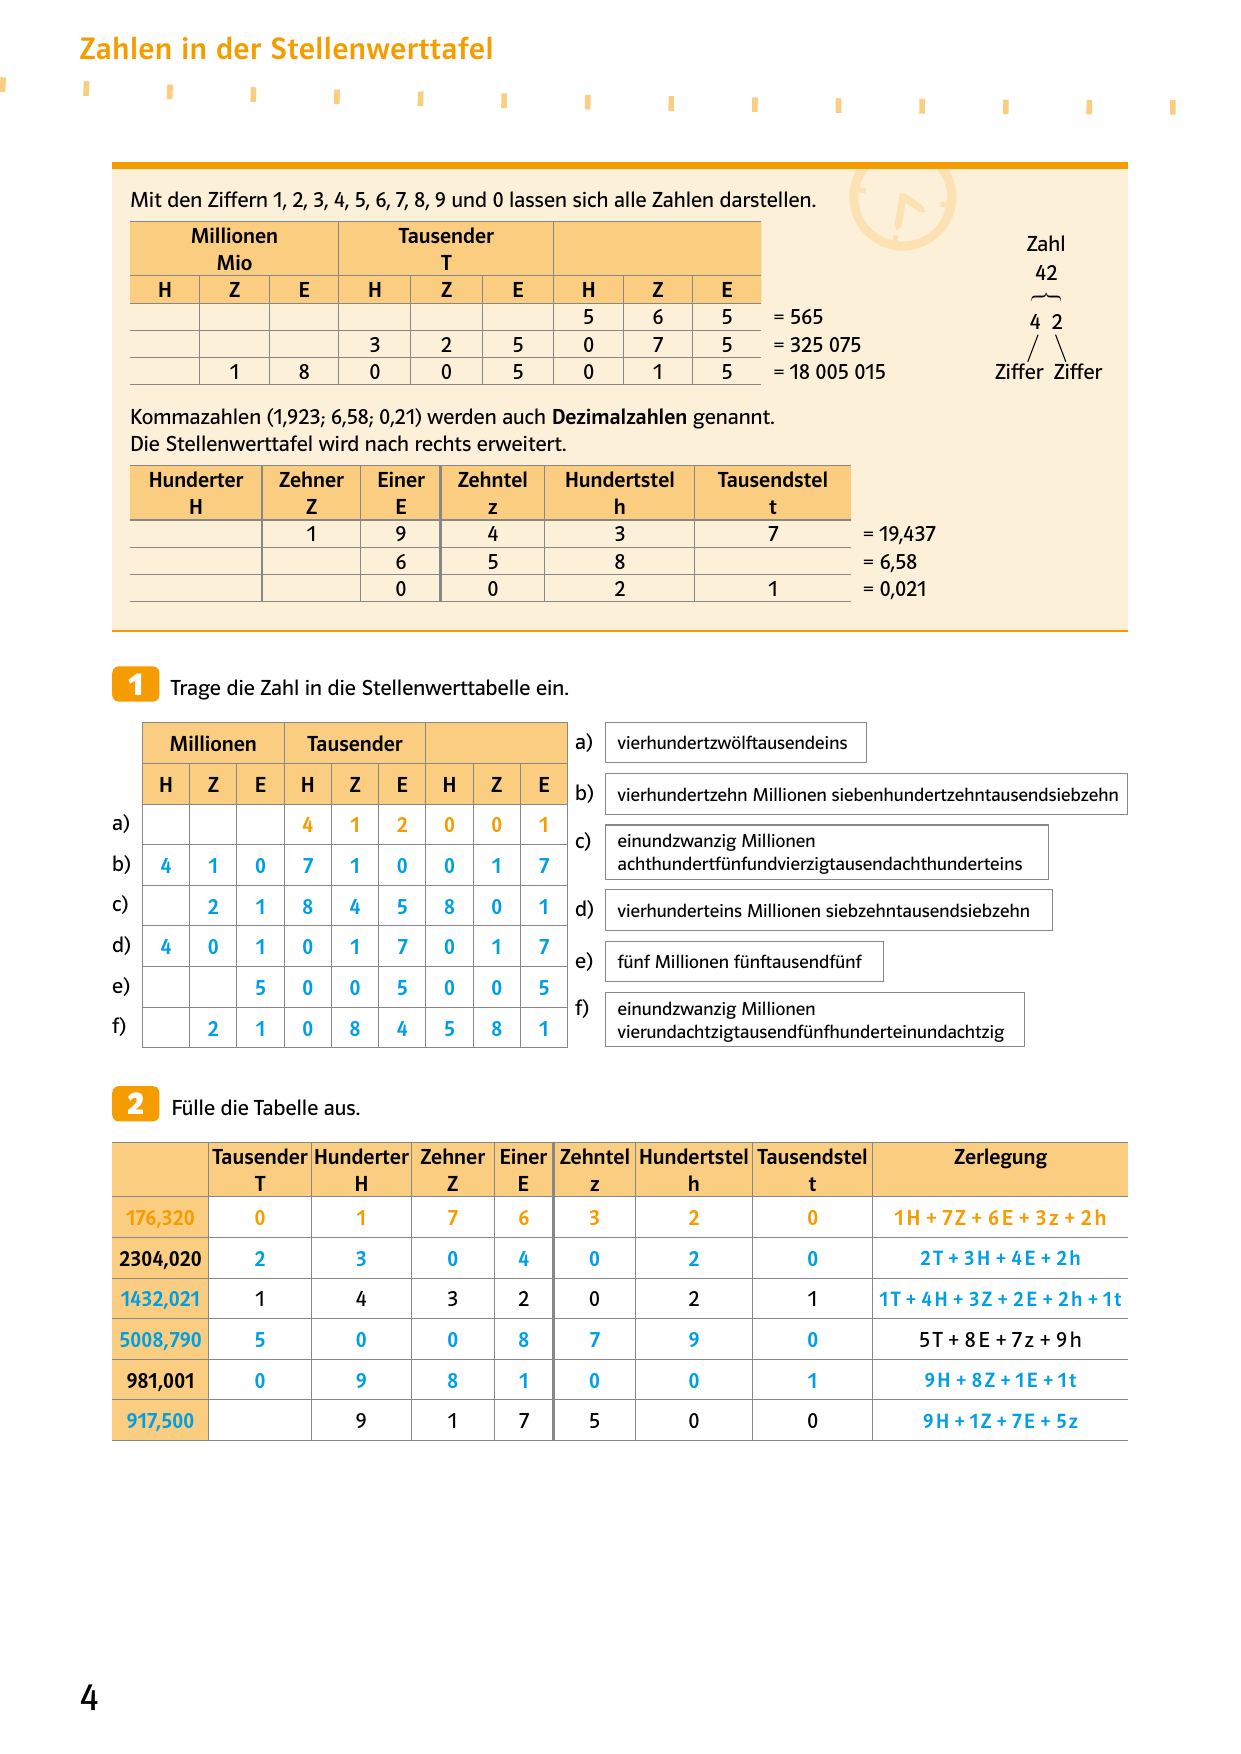 Zahlen in der Stellenwerttafel